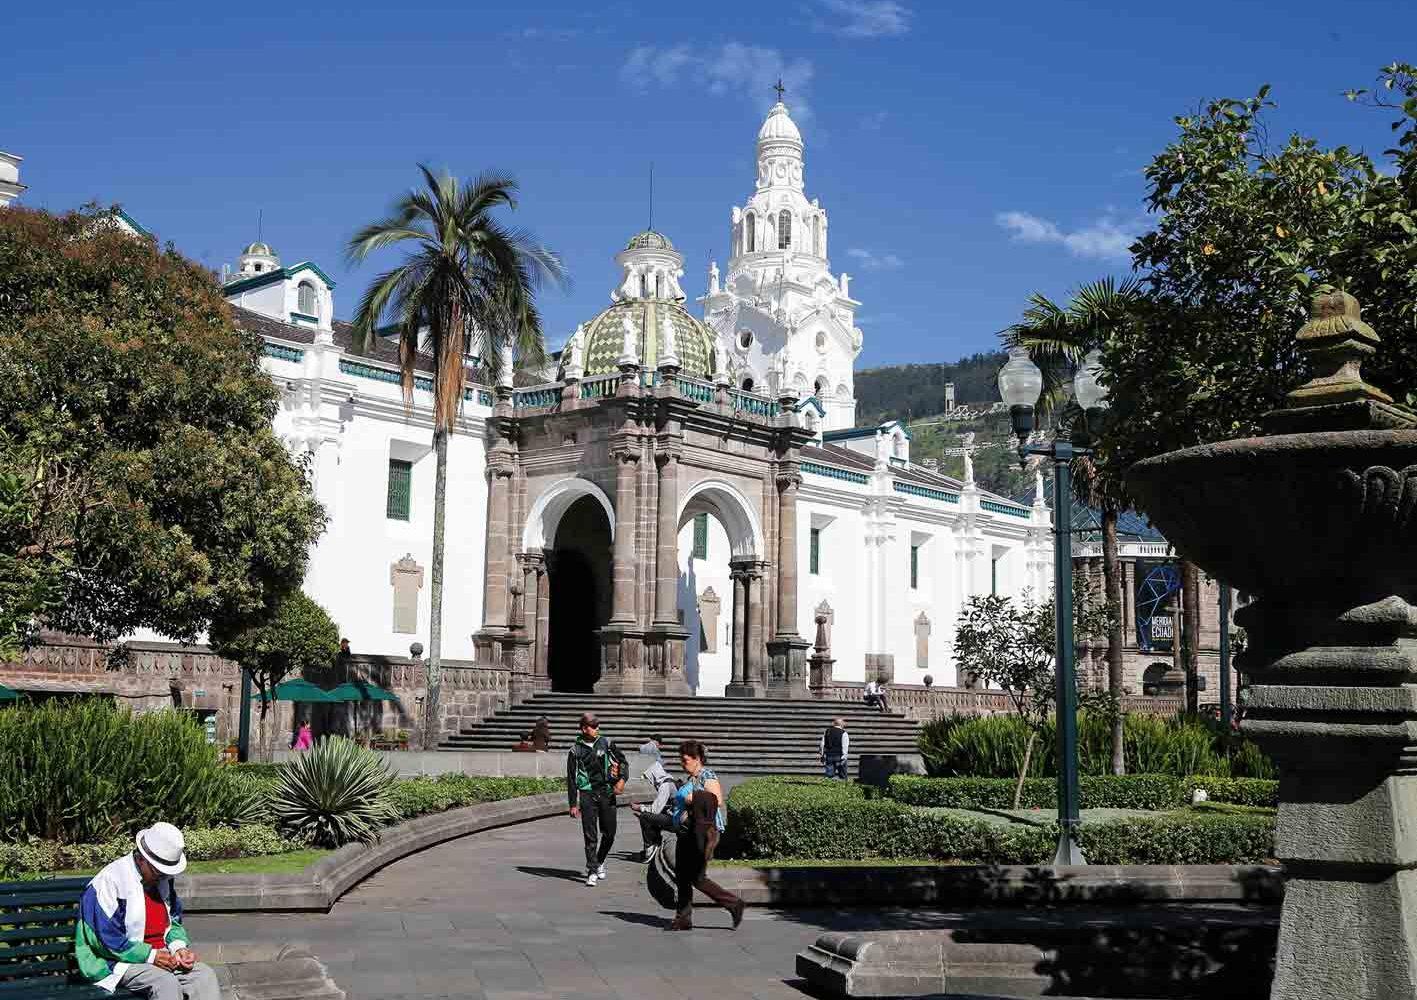 Wir entdecken die wunderschöne Altstadt von Quito.